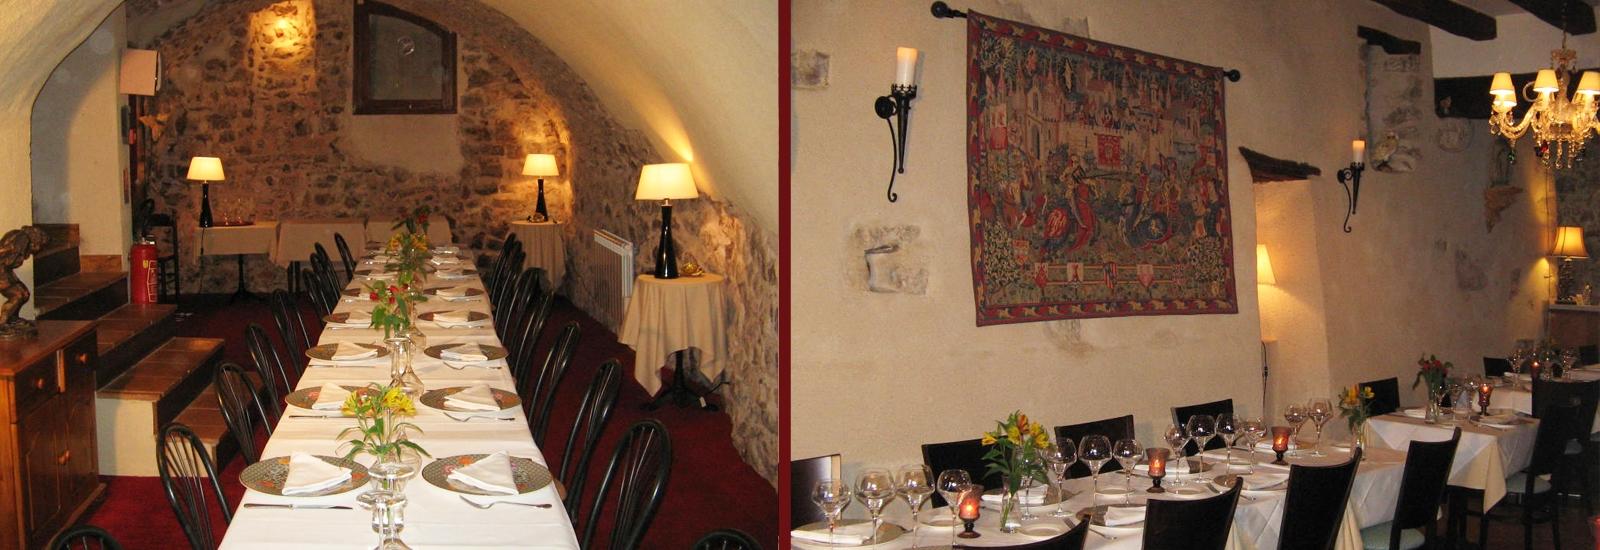 restaurant le fou du roy le Mans 72000